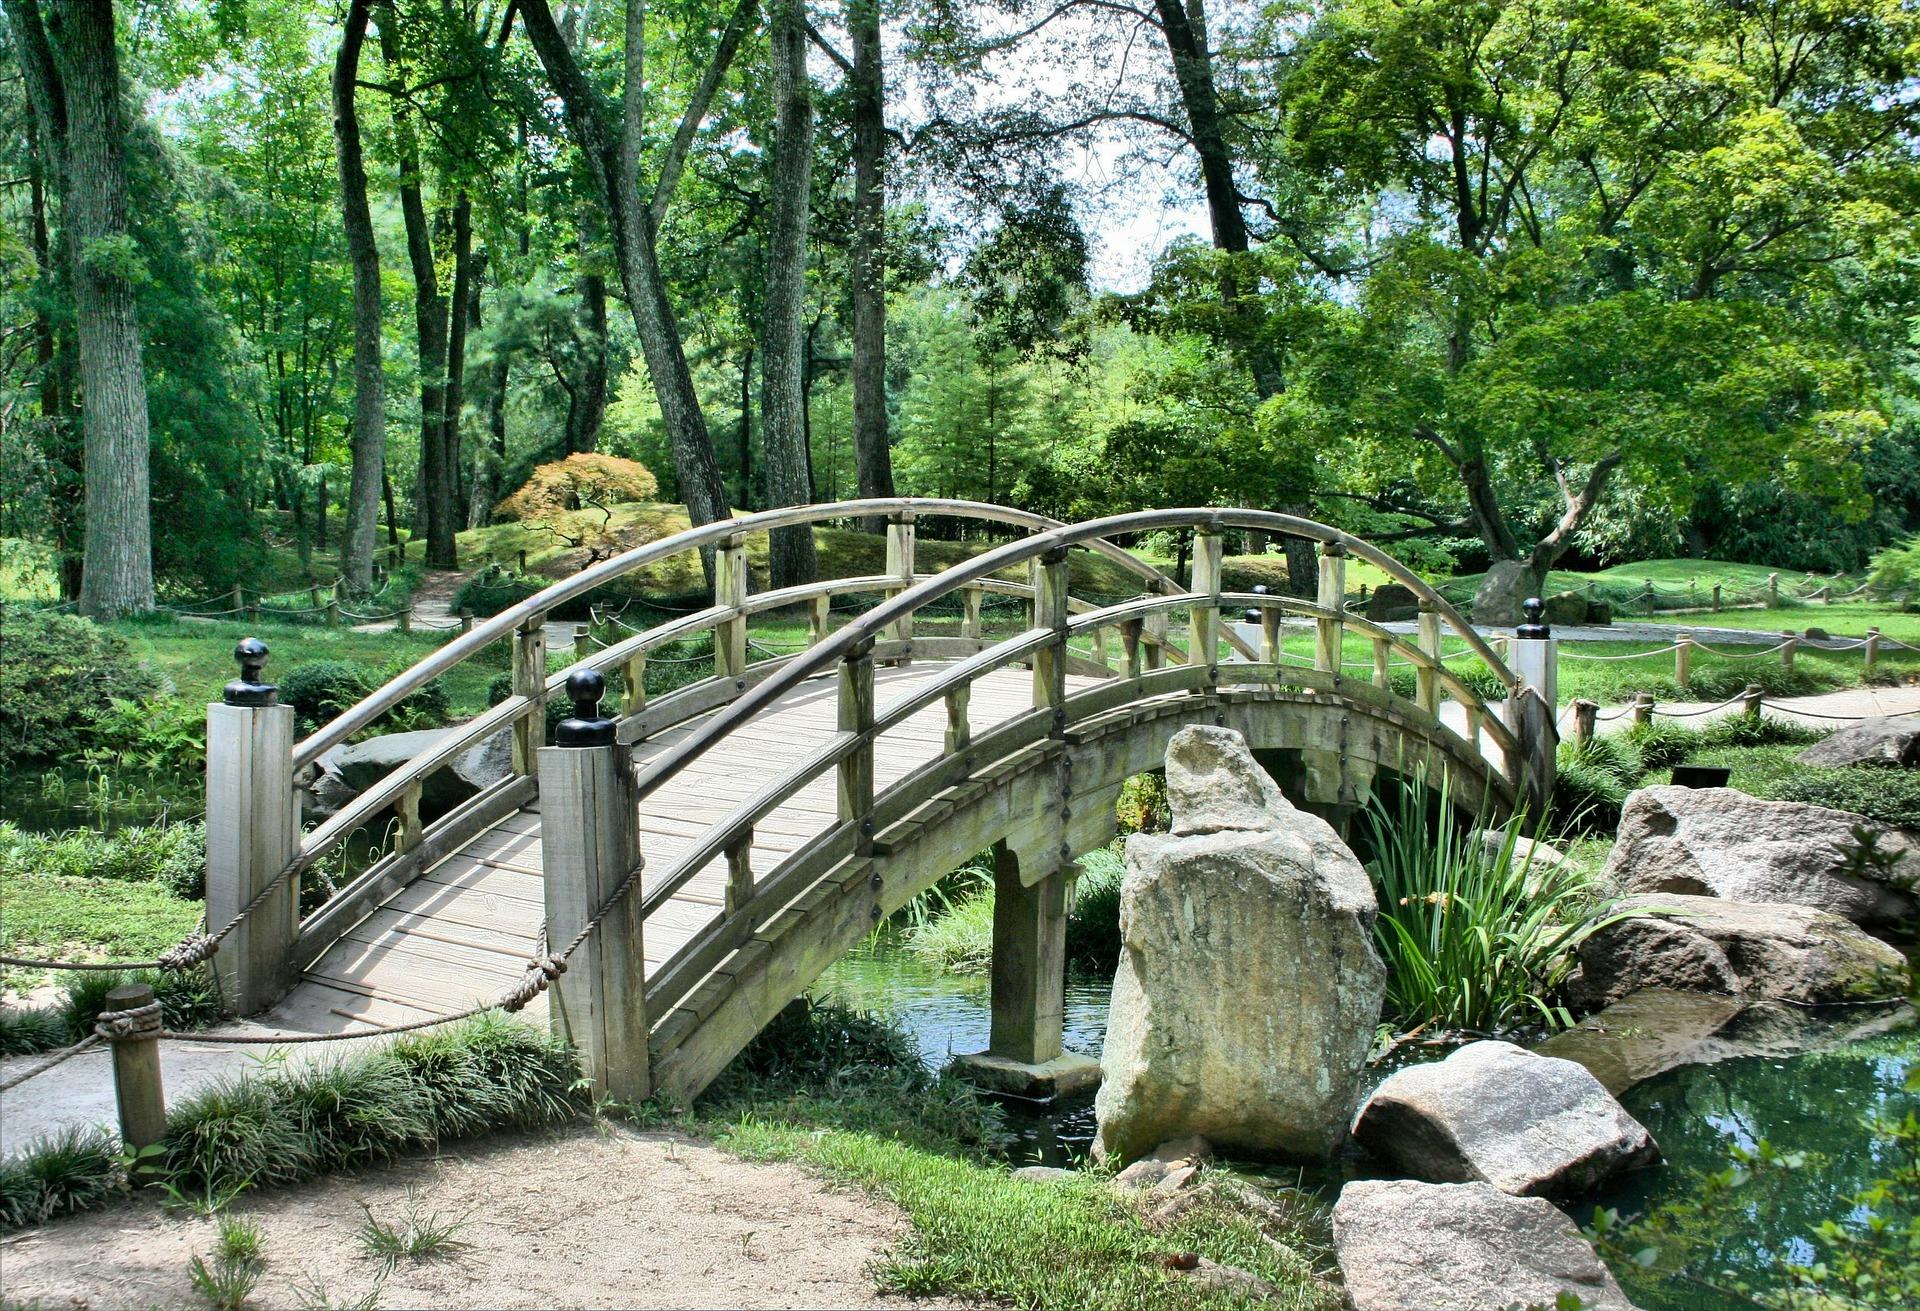 花园里的日本, 桥梁, 休息, 放松, 冥想 - 高清壁纸 - 教授-falken.com